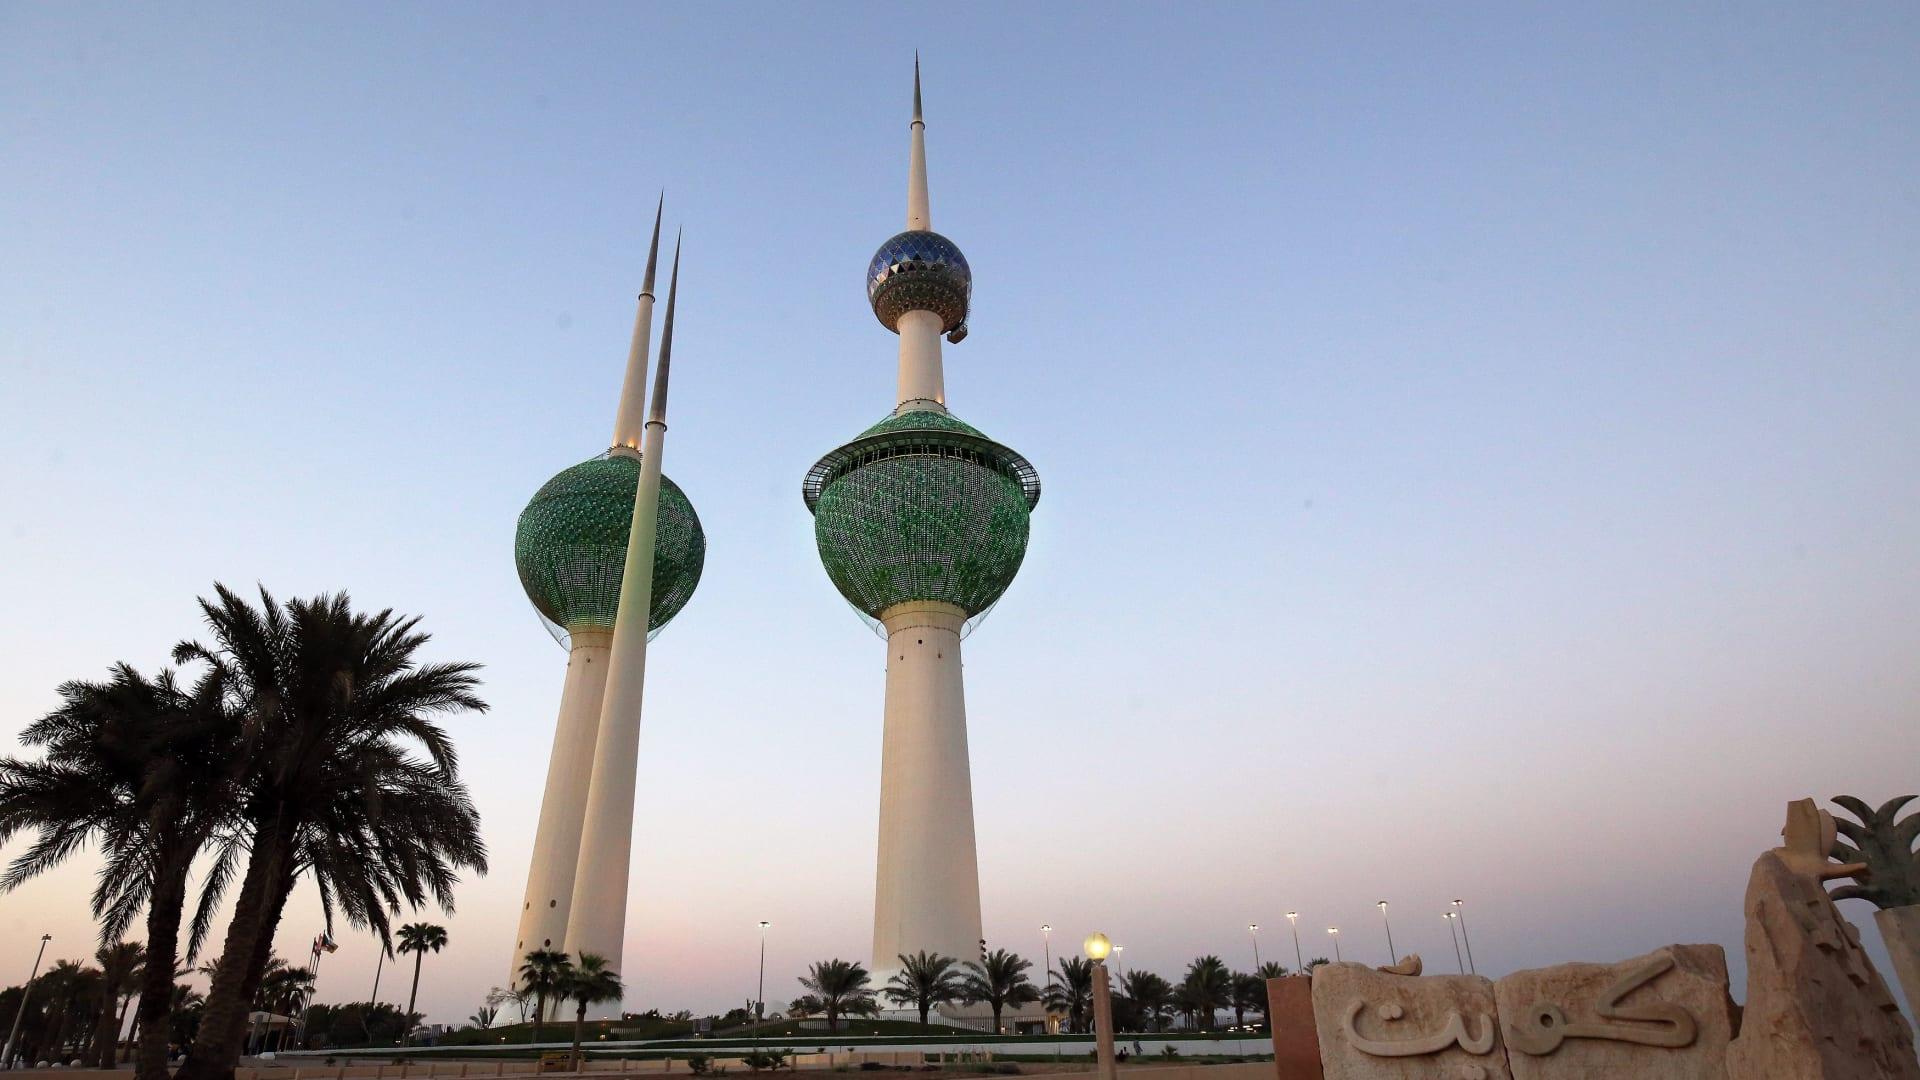 شاهد: من هي زها حديد؟ العراقية التي ألهمت أجيال التصميم